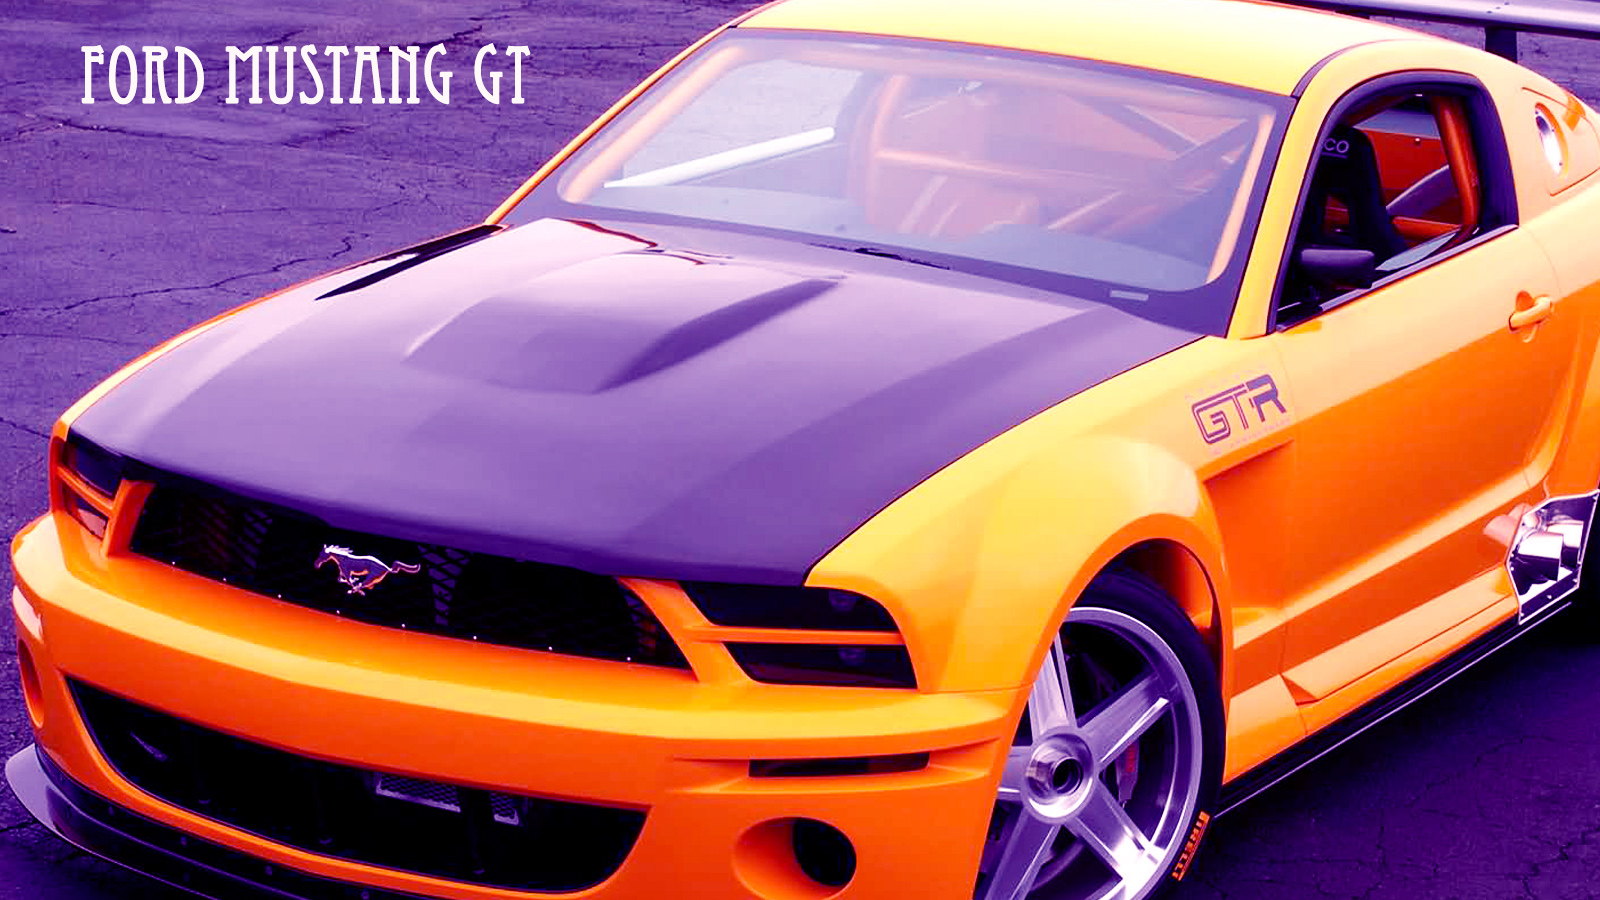 GT Wallpaper Exotic Car Wallpaper Car Wallpaper Car Wallpaper 1600x900